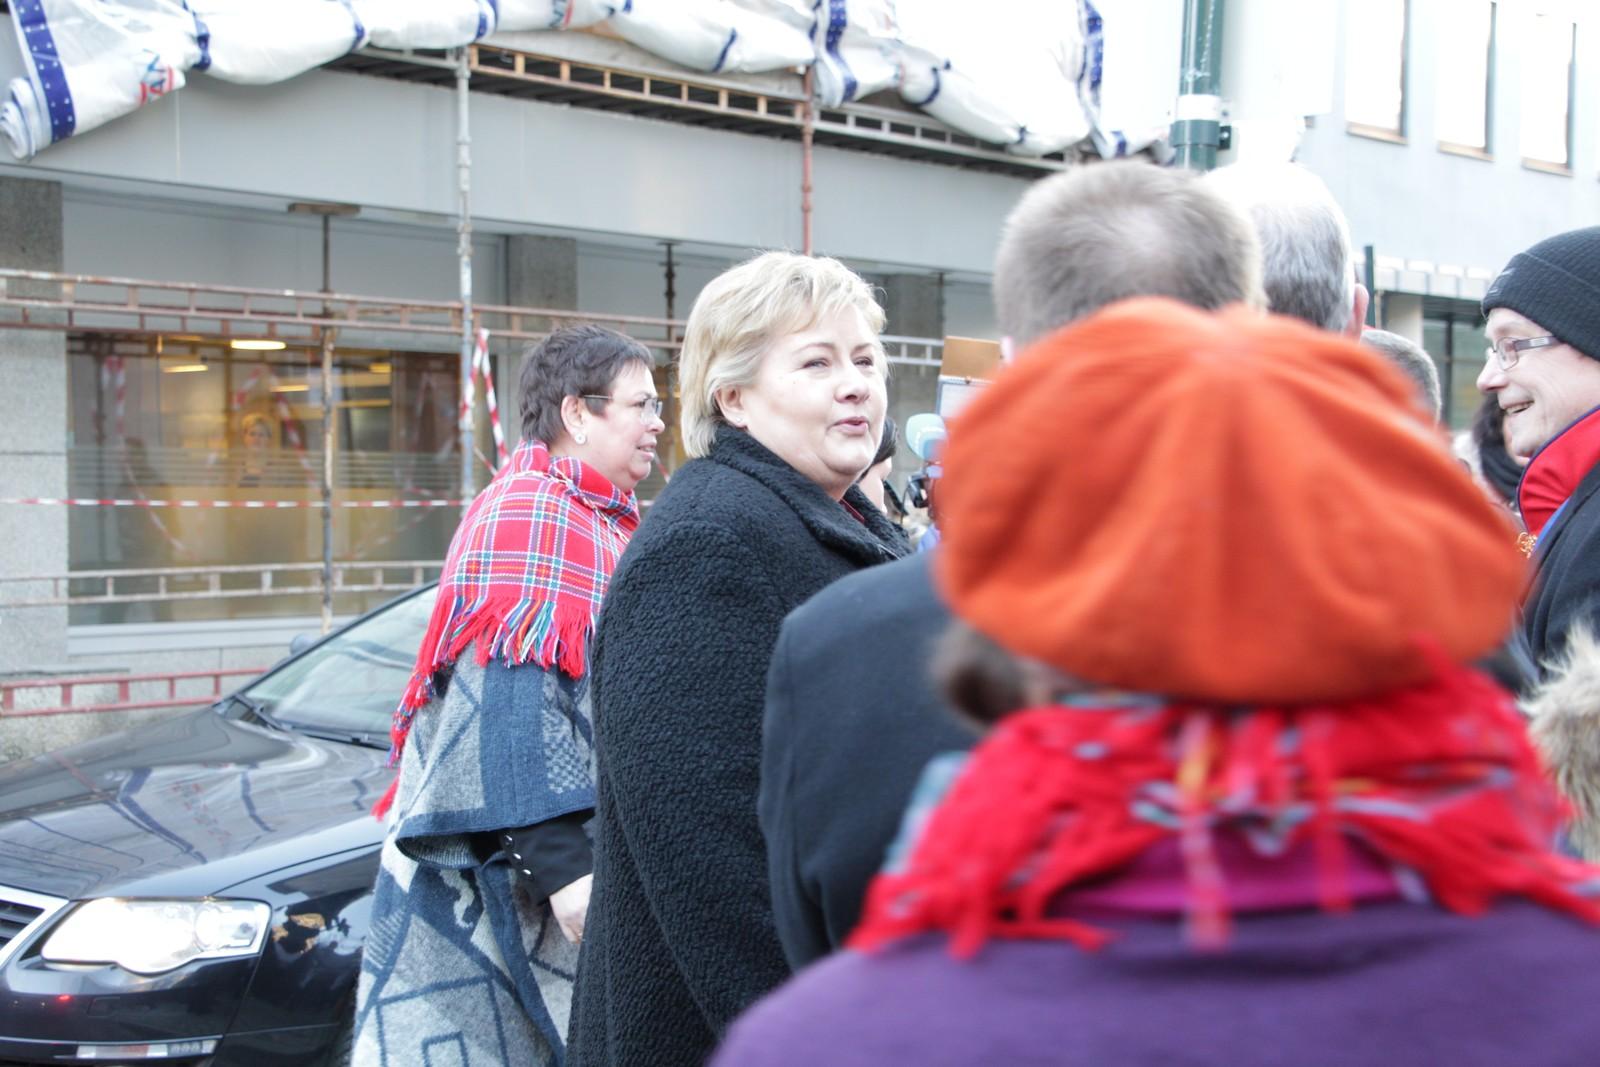 Trondheimsordfører Rita Ottervik (Ap) ankommer Metodistkirken sammen med statsminister Erna Solberg (H).